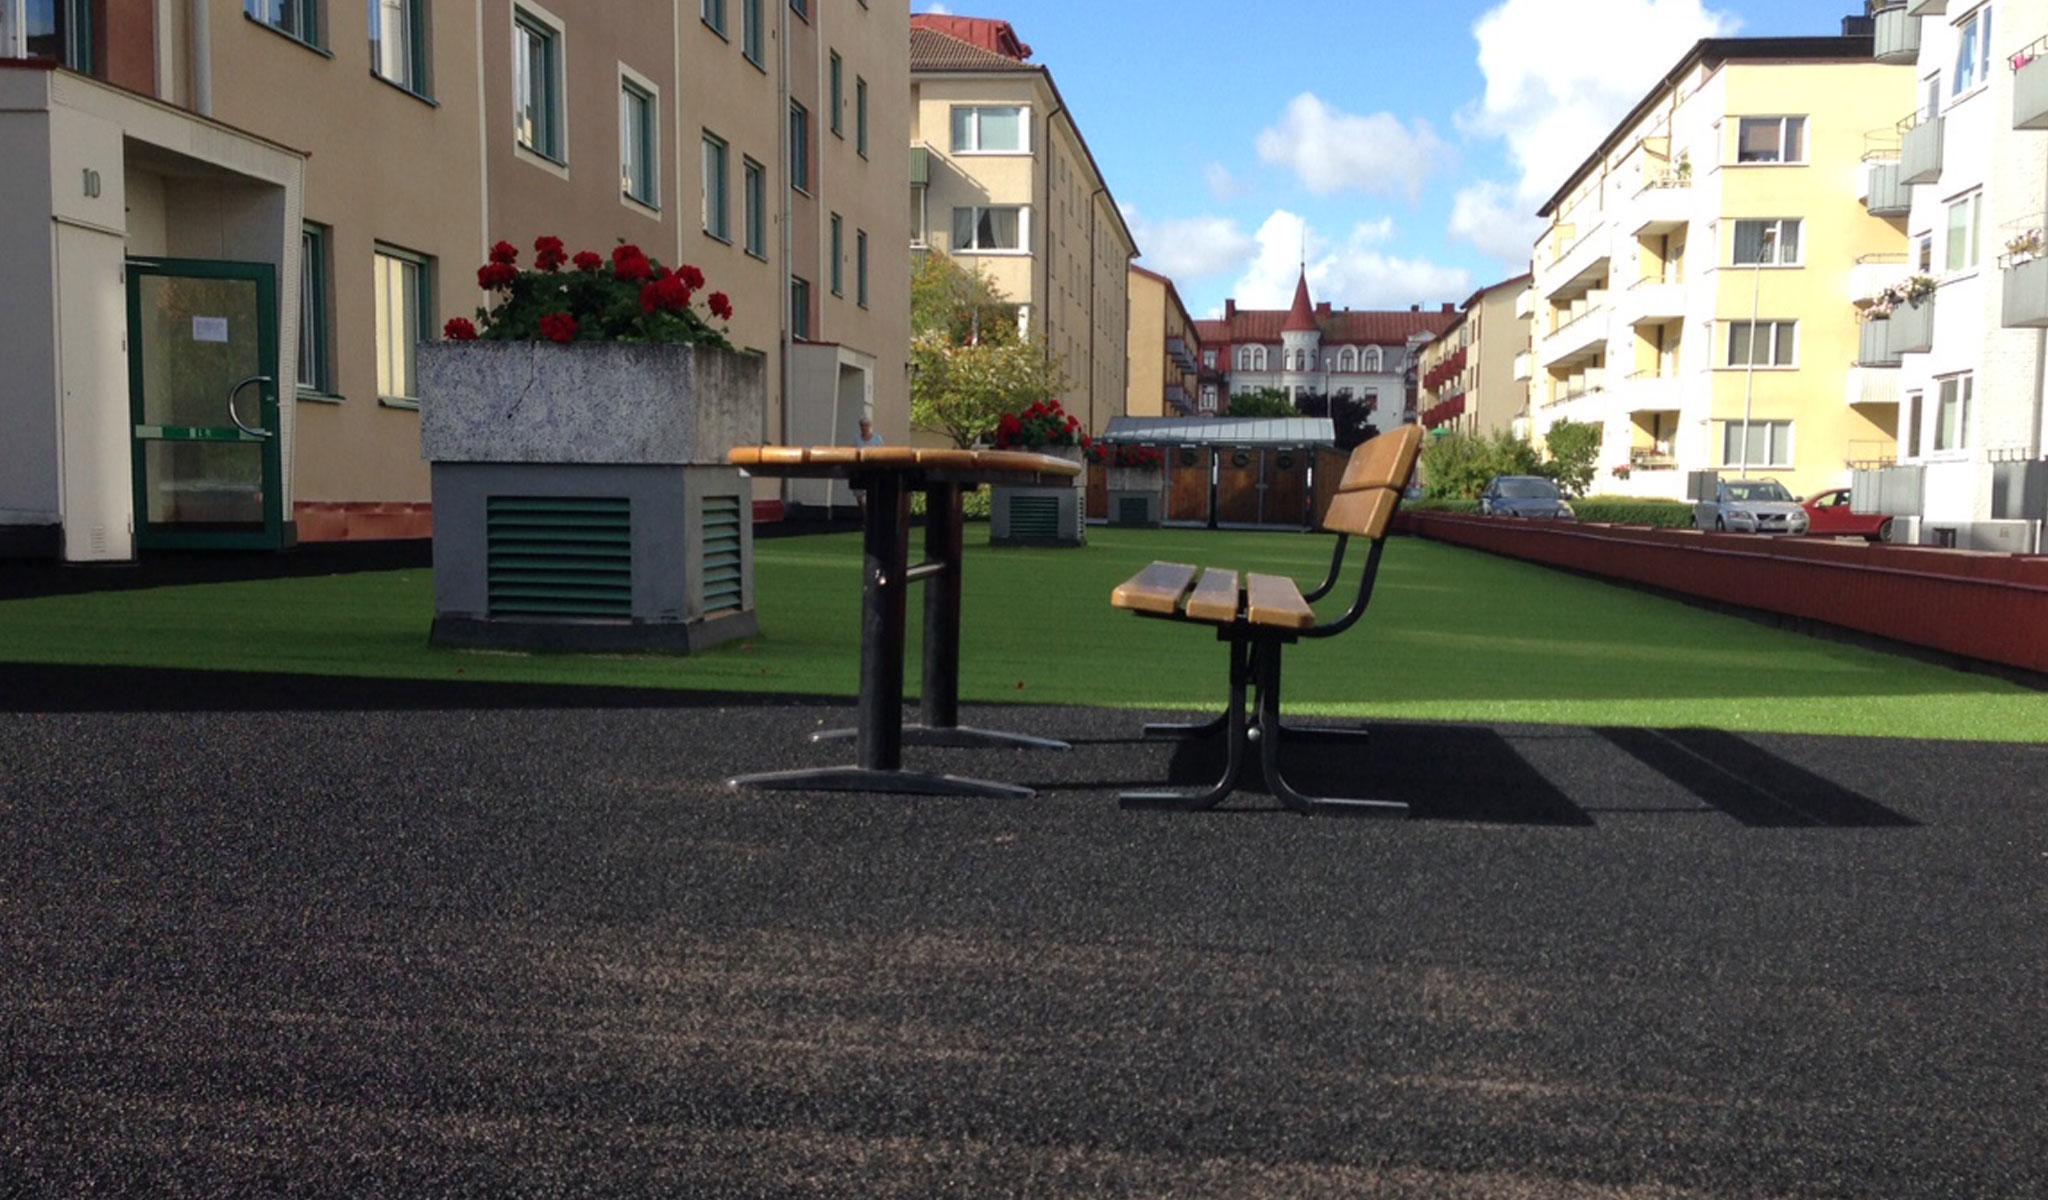 kunstgress bygård tradgard terrasse unisport